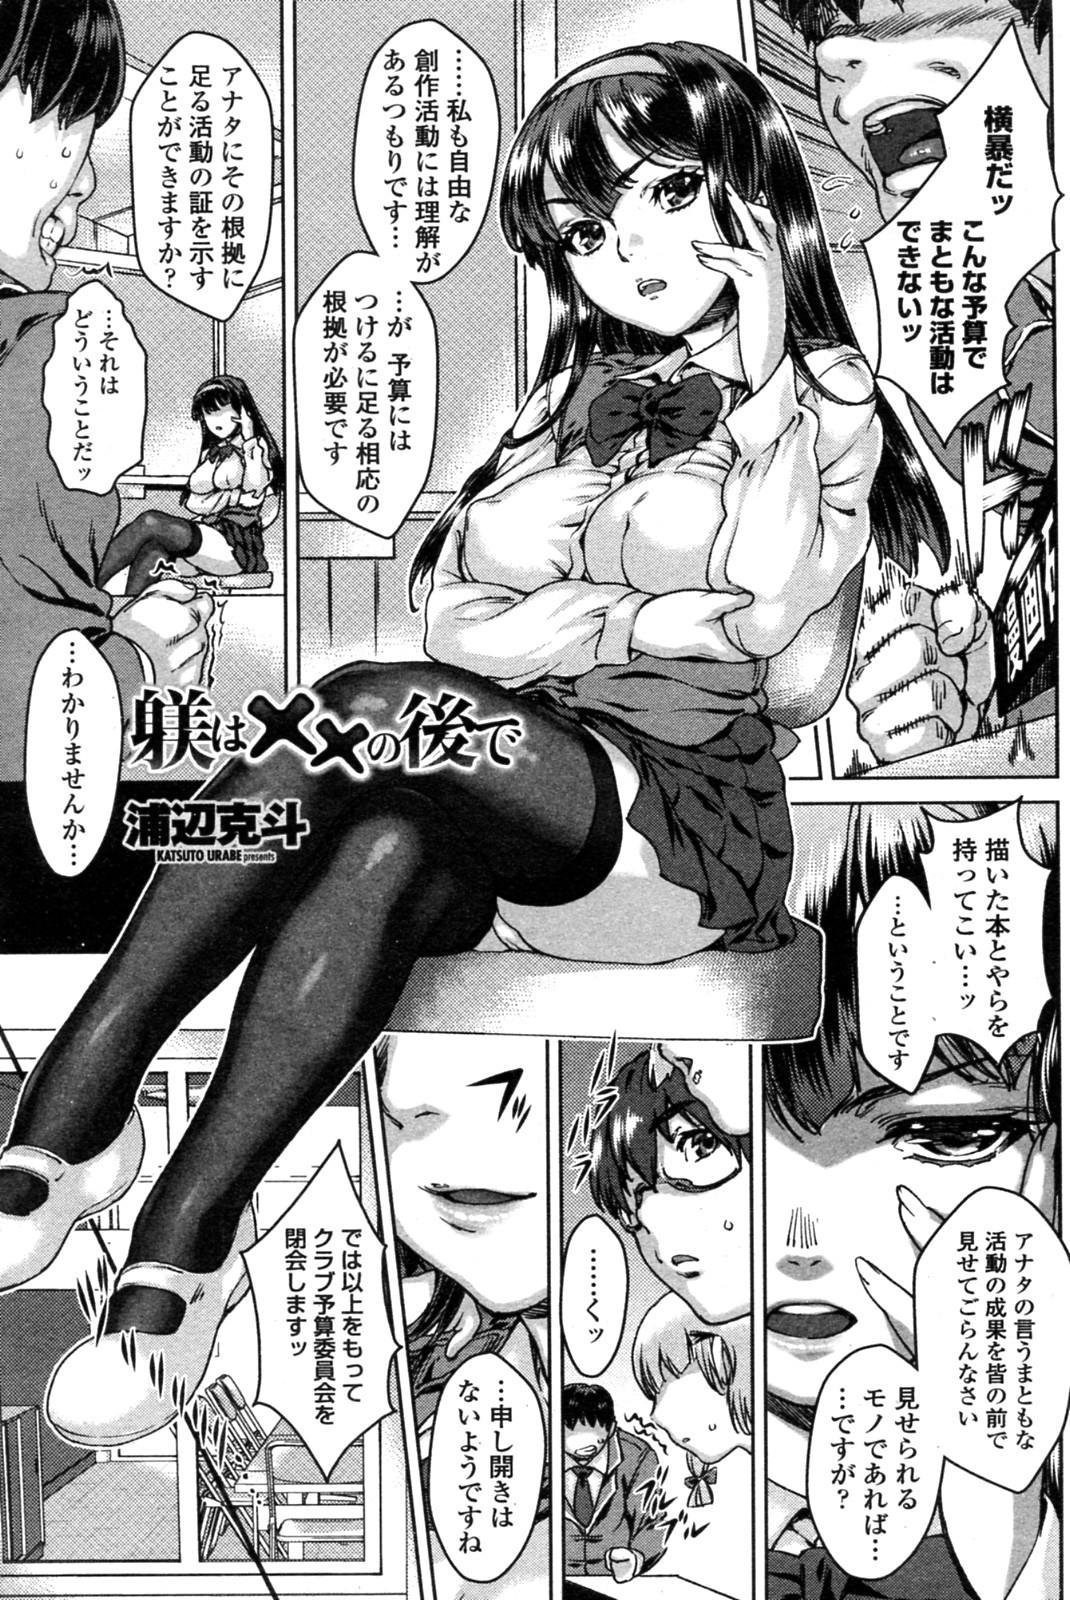 Shitsuke wa XX no Ato de 0